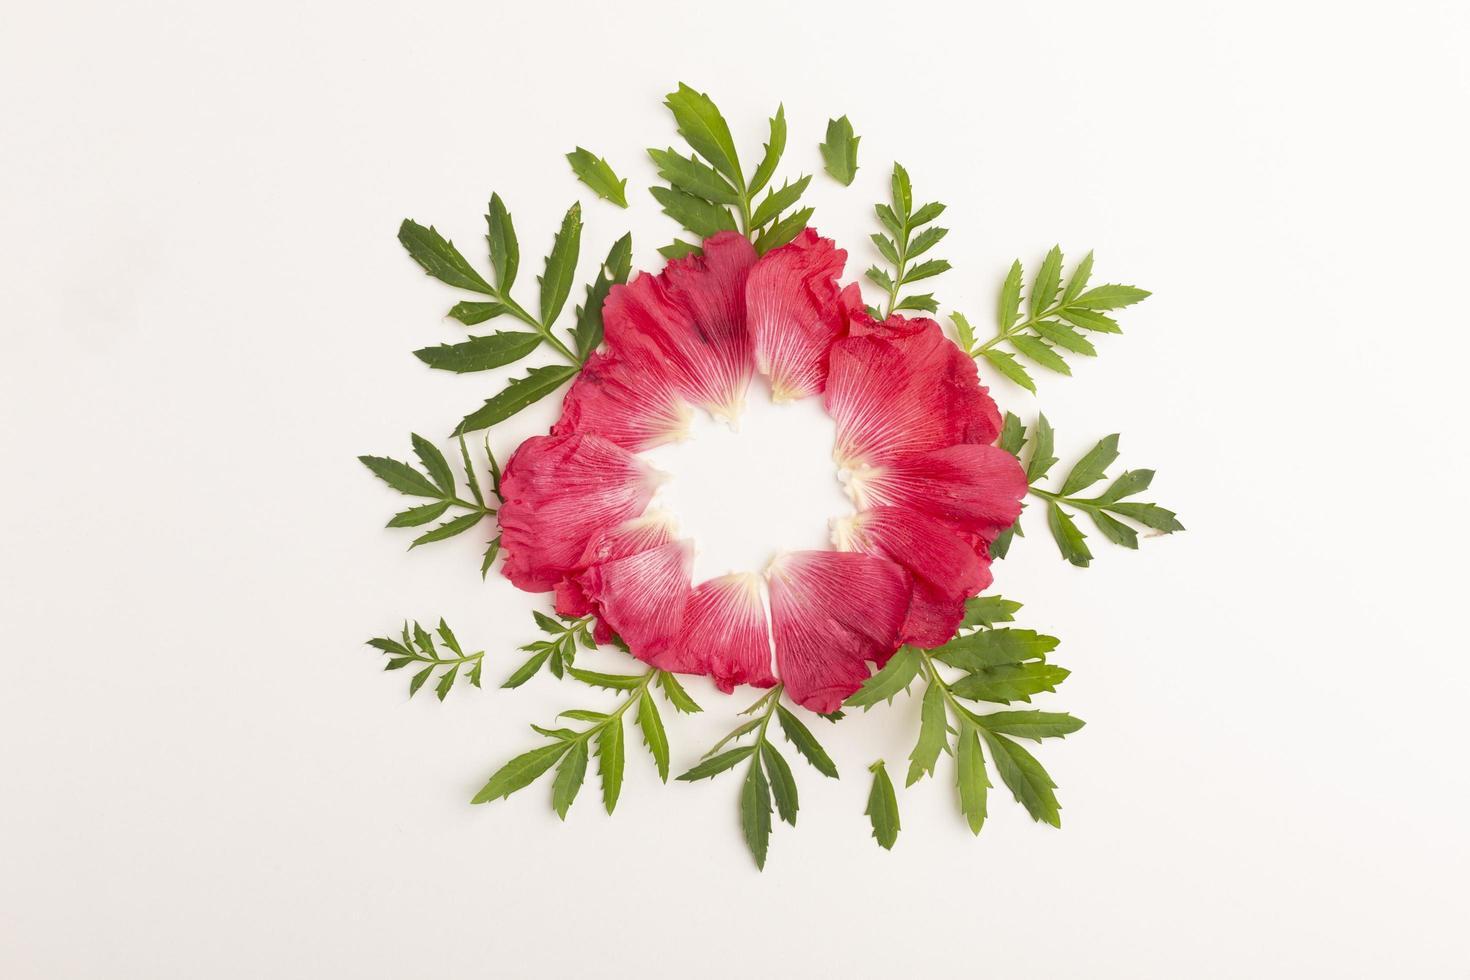 les fleurs de composition vue de dessus photo